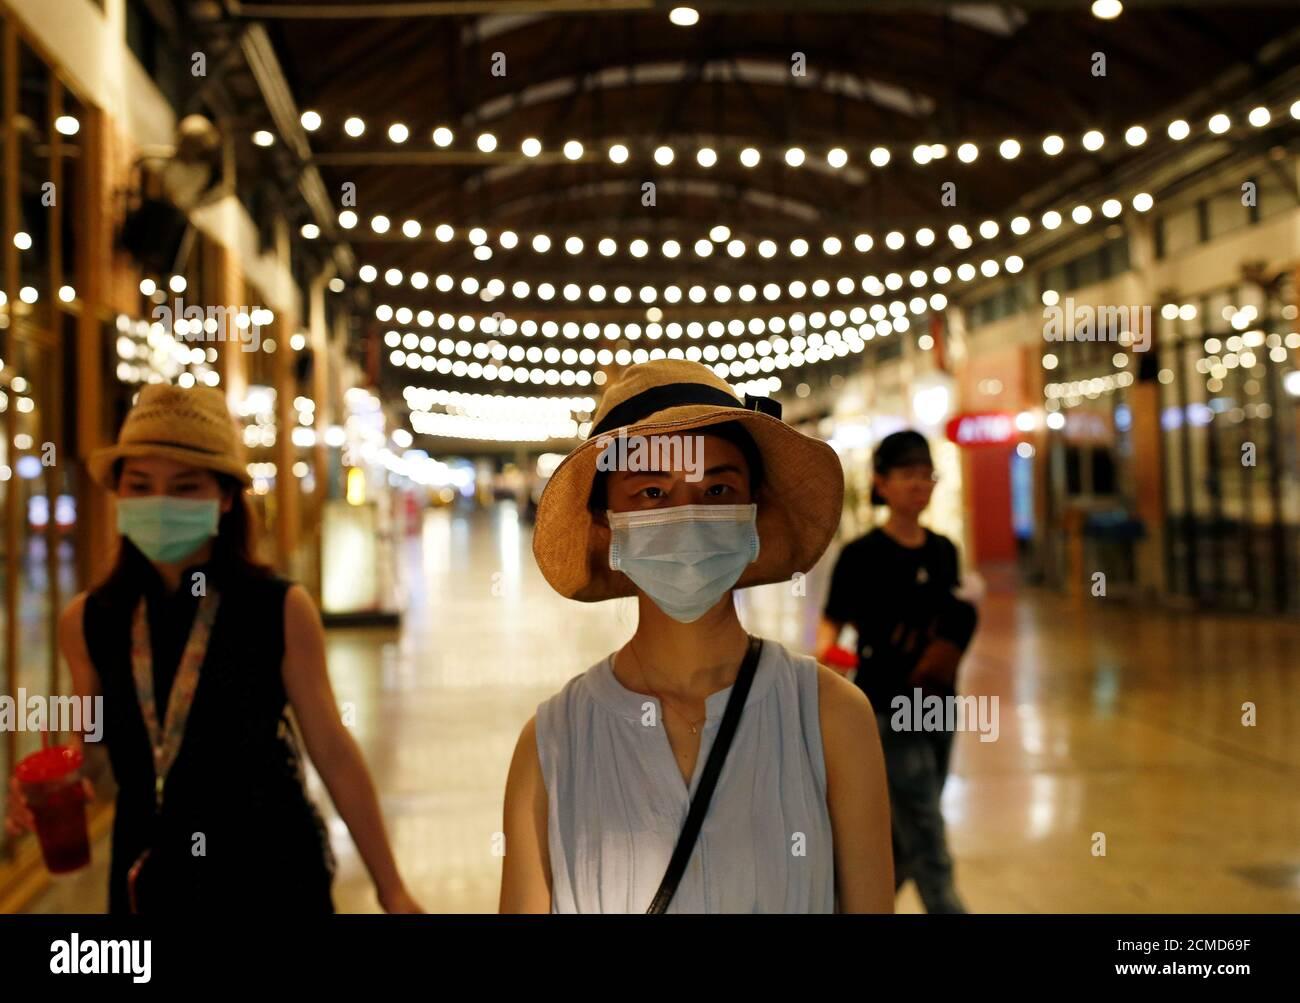 Los turistas son vistos en un mercado nocturno asiático casi vacío en Bangkok, Tailandia 2 de marzo de 2020. REUTERS/Soe Zeya Tun Foto de stock